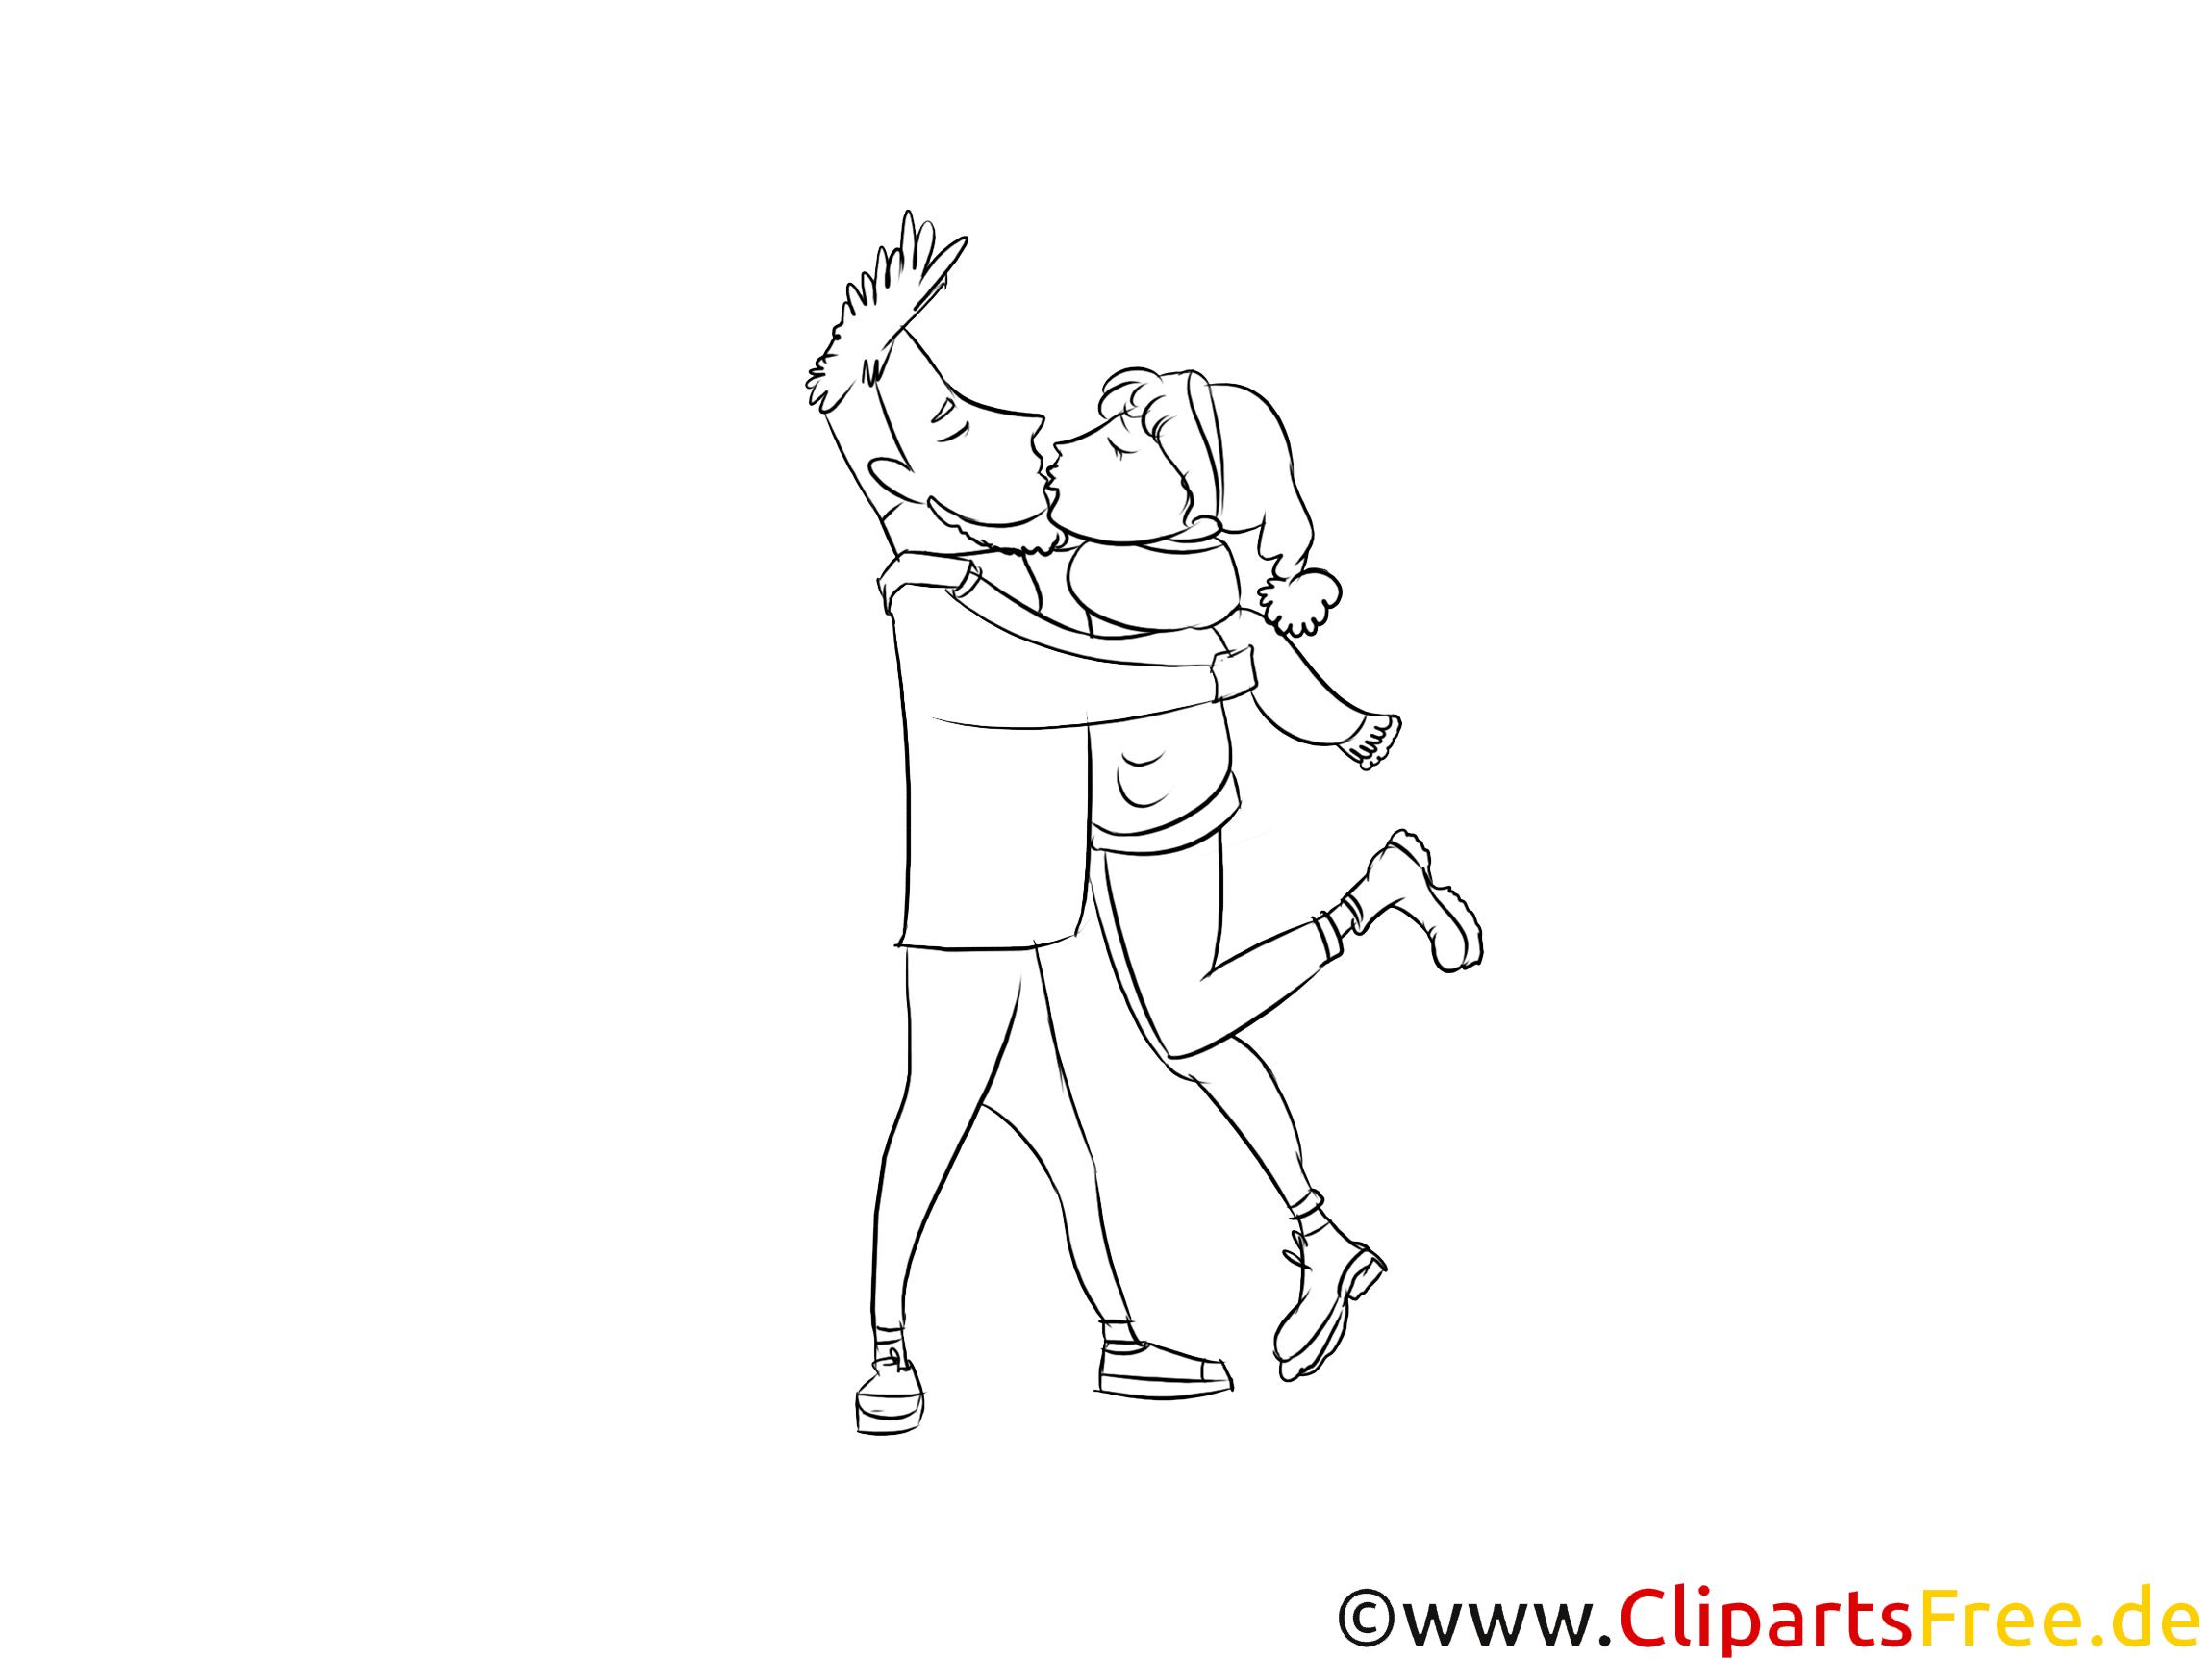 Treffen ein Paar Mann und Frau Clipart Bild